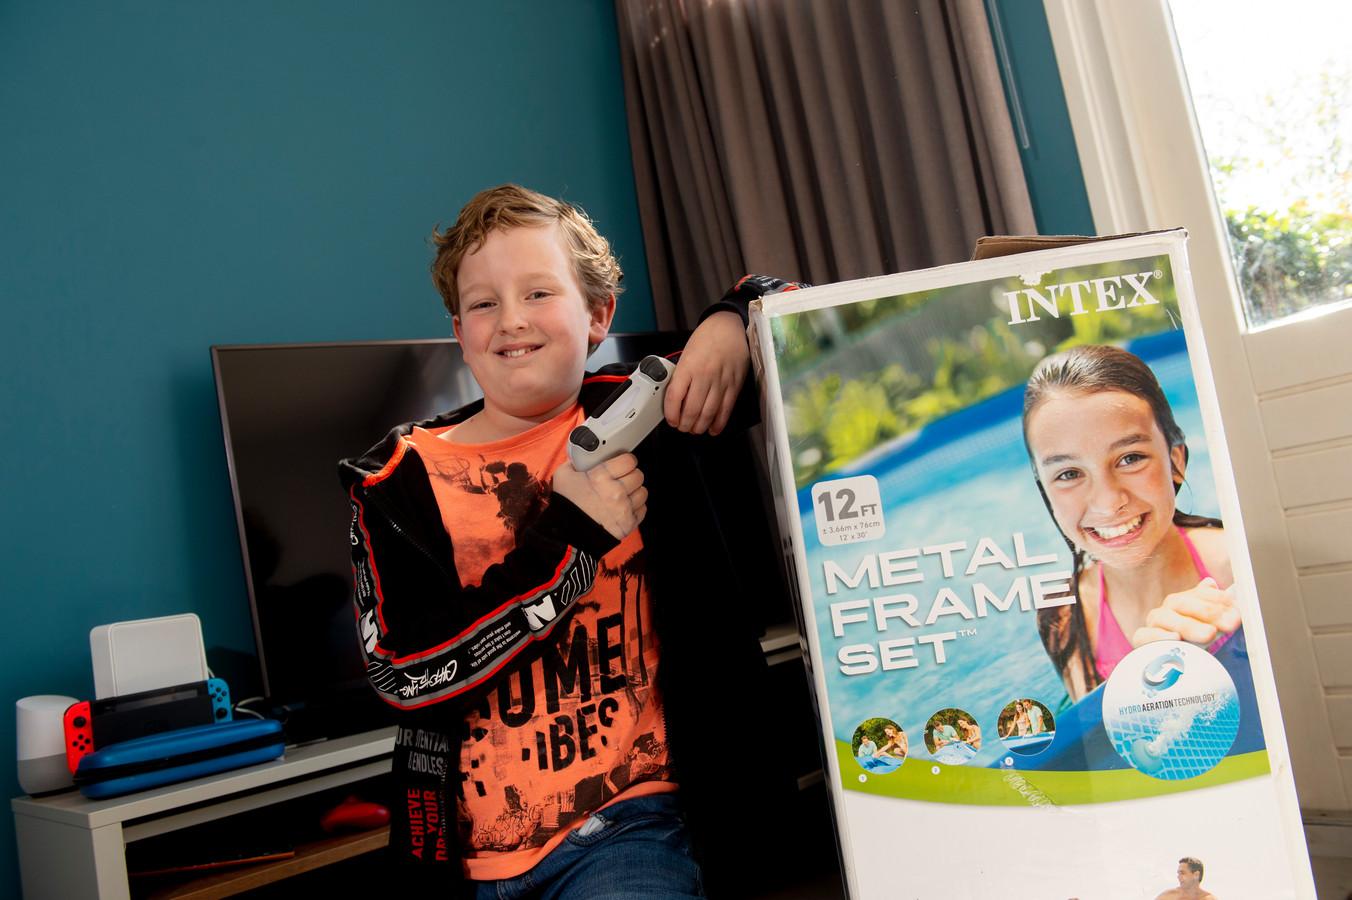 De 10-jarige Luca wil graag een Playstation 5 en heeft een ludieke manier bedacht om daaraan te komen: door middel van een ruilactie.